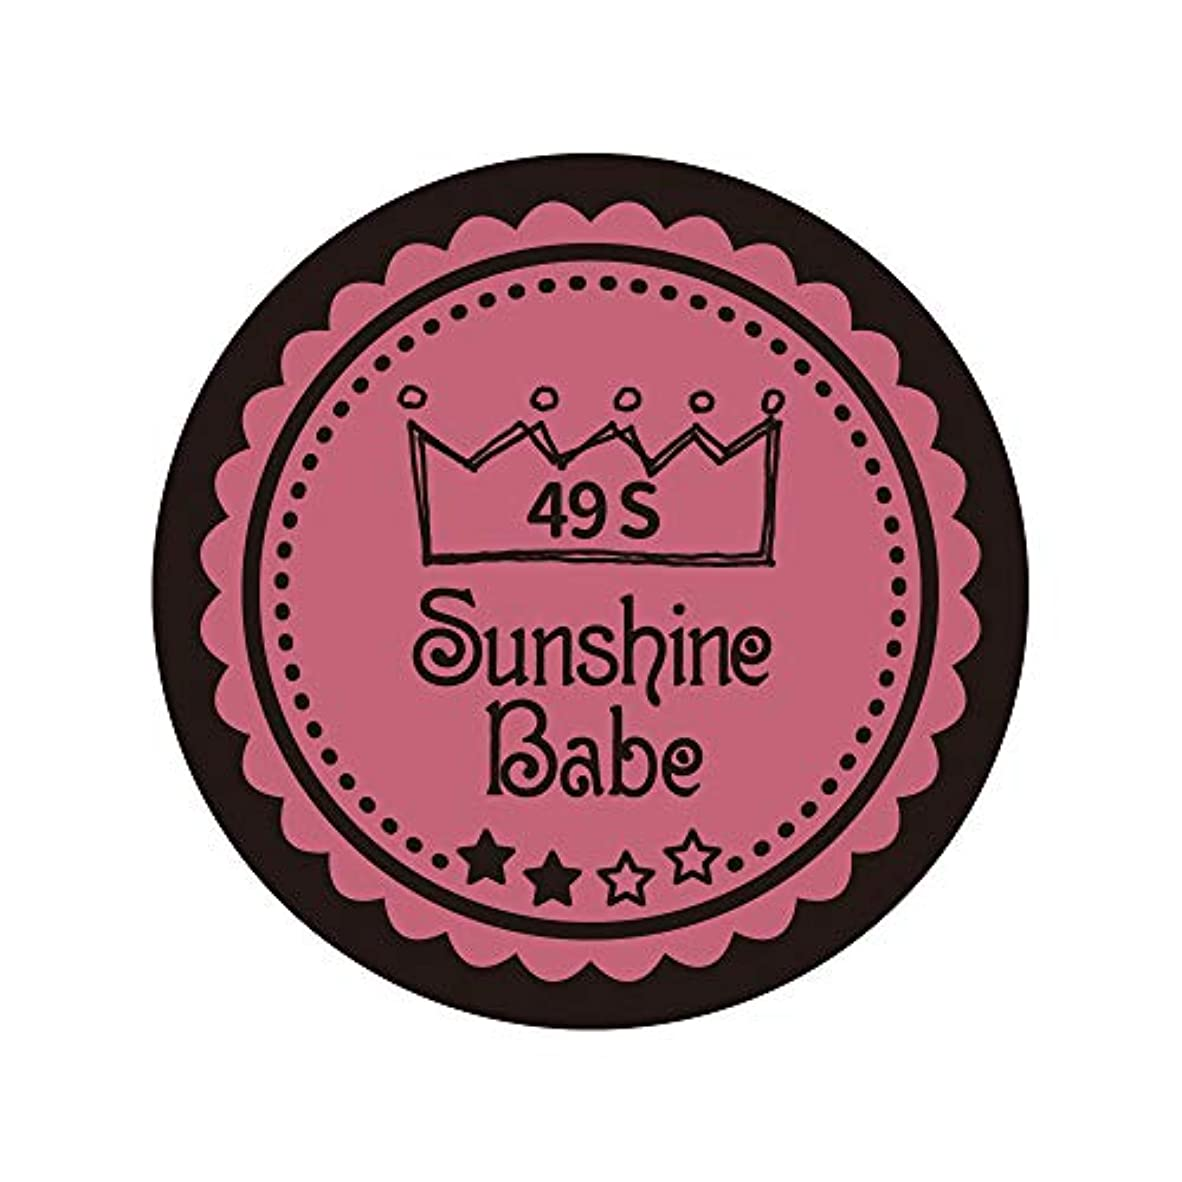 稼ぐコーンウォール国勢調査Sunshine Babe カラージェル 49S カシミアピンク 4g UV/LED対応